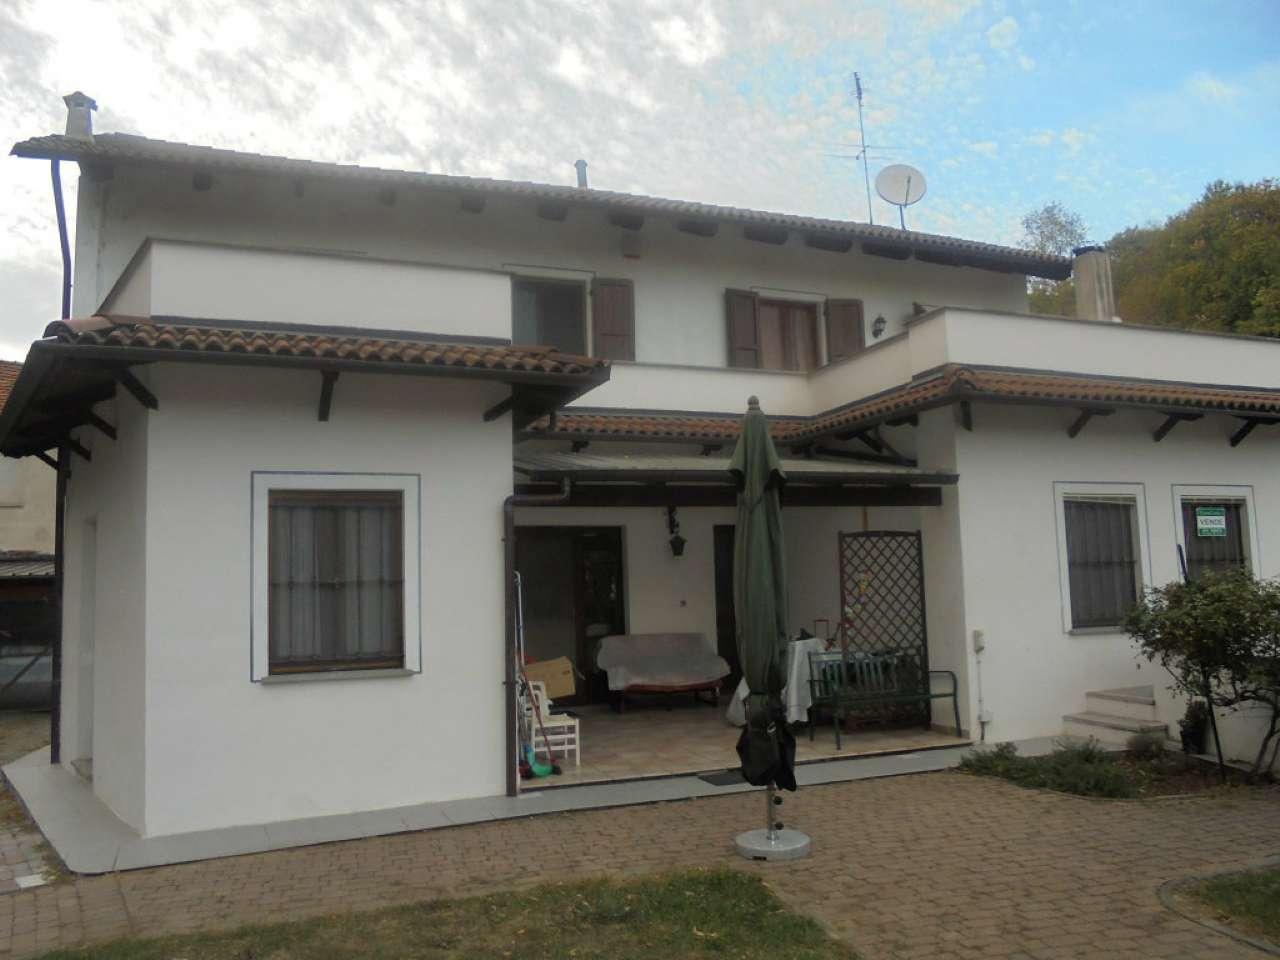 Foto 1 di Casa indipendente via Mazzini, Montalenghe